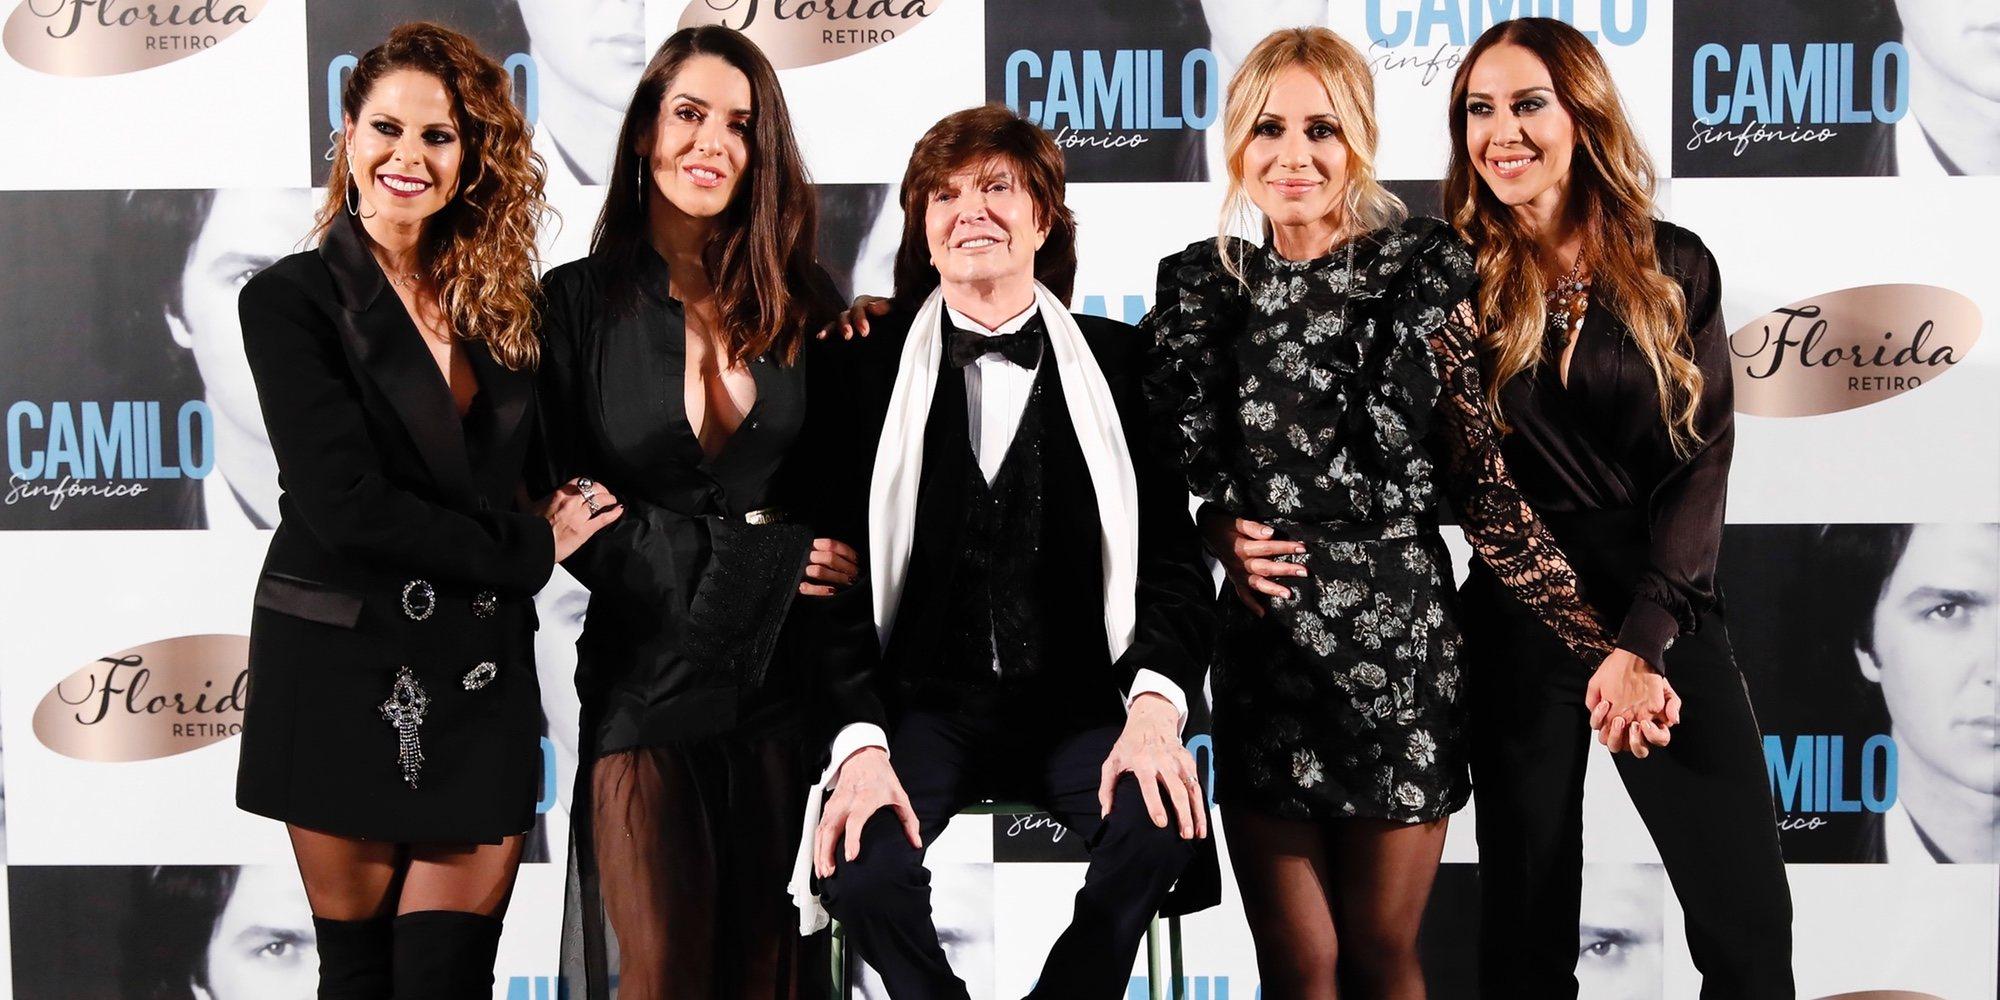 Ruth Lorenzo y Pastora Soler acompañan a Camilo Sesto en la presentación de su nuevo disco